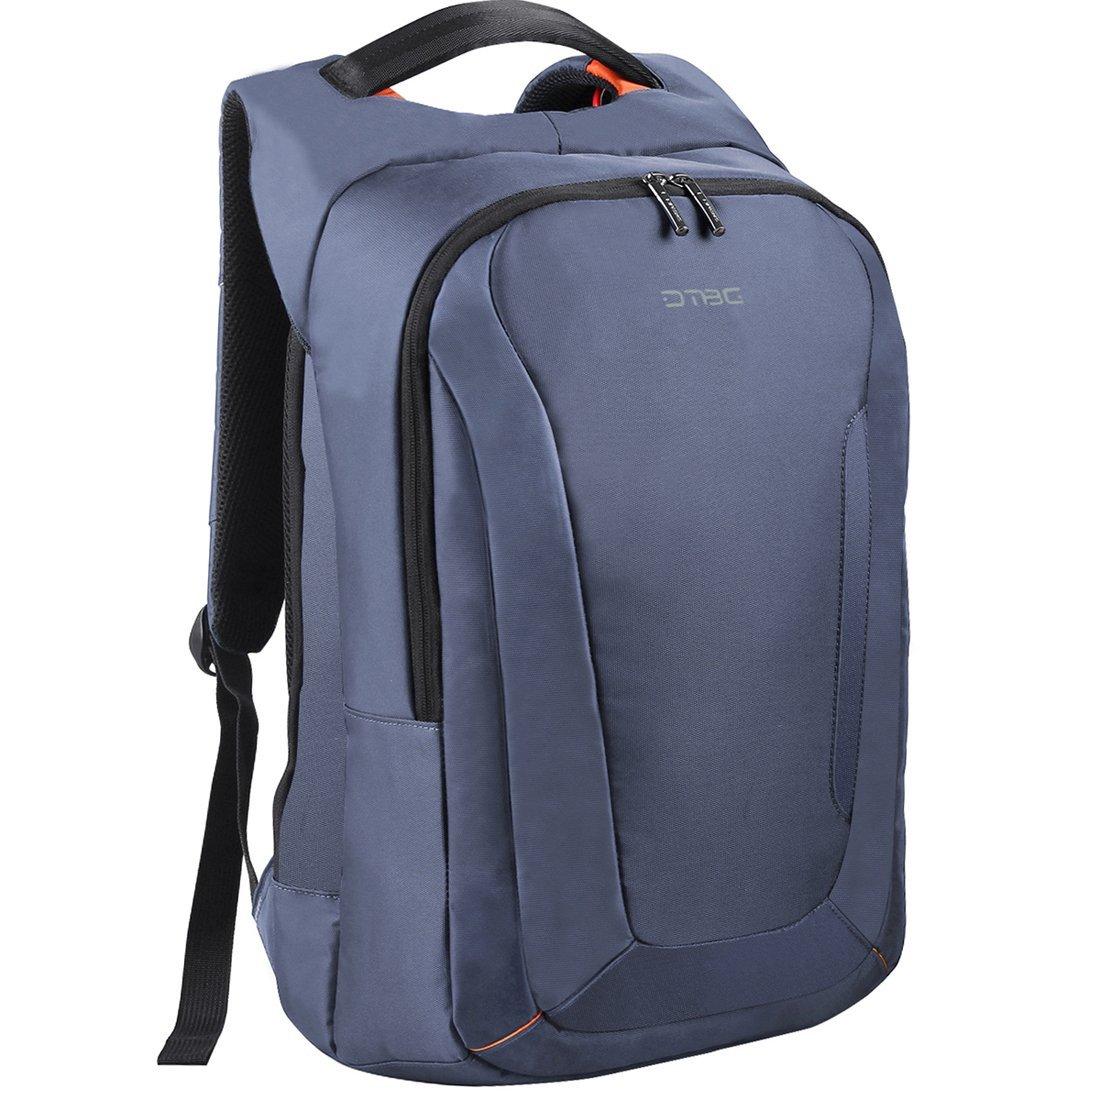 DTBG 15.6 Inch Laptop Backpack with USB Charging Port, Nylon Rucksack Travel Knapsack Casual Daypack Laptop Bag For HP / Lenovo / Dell / Asus / Student / Women / Men (Dark Blue)